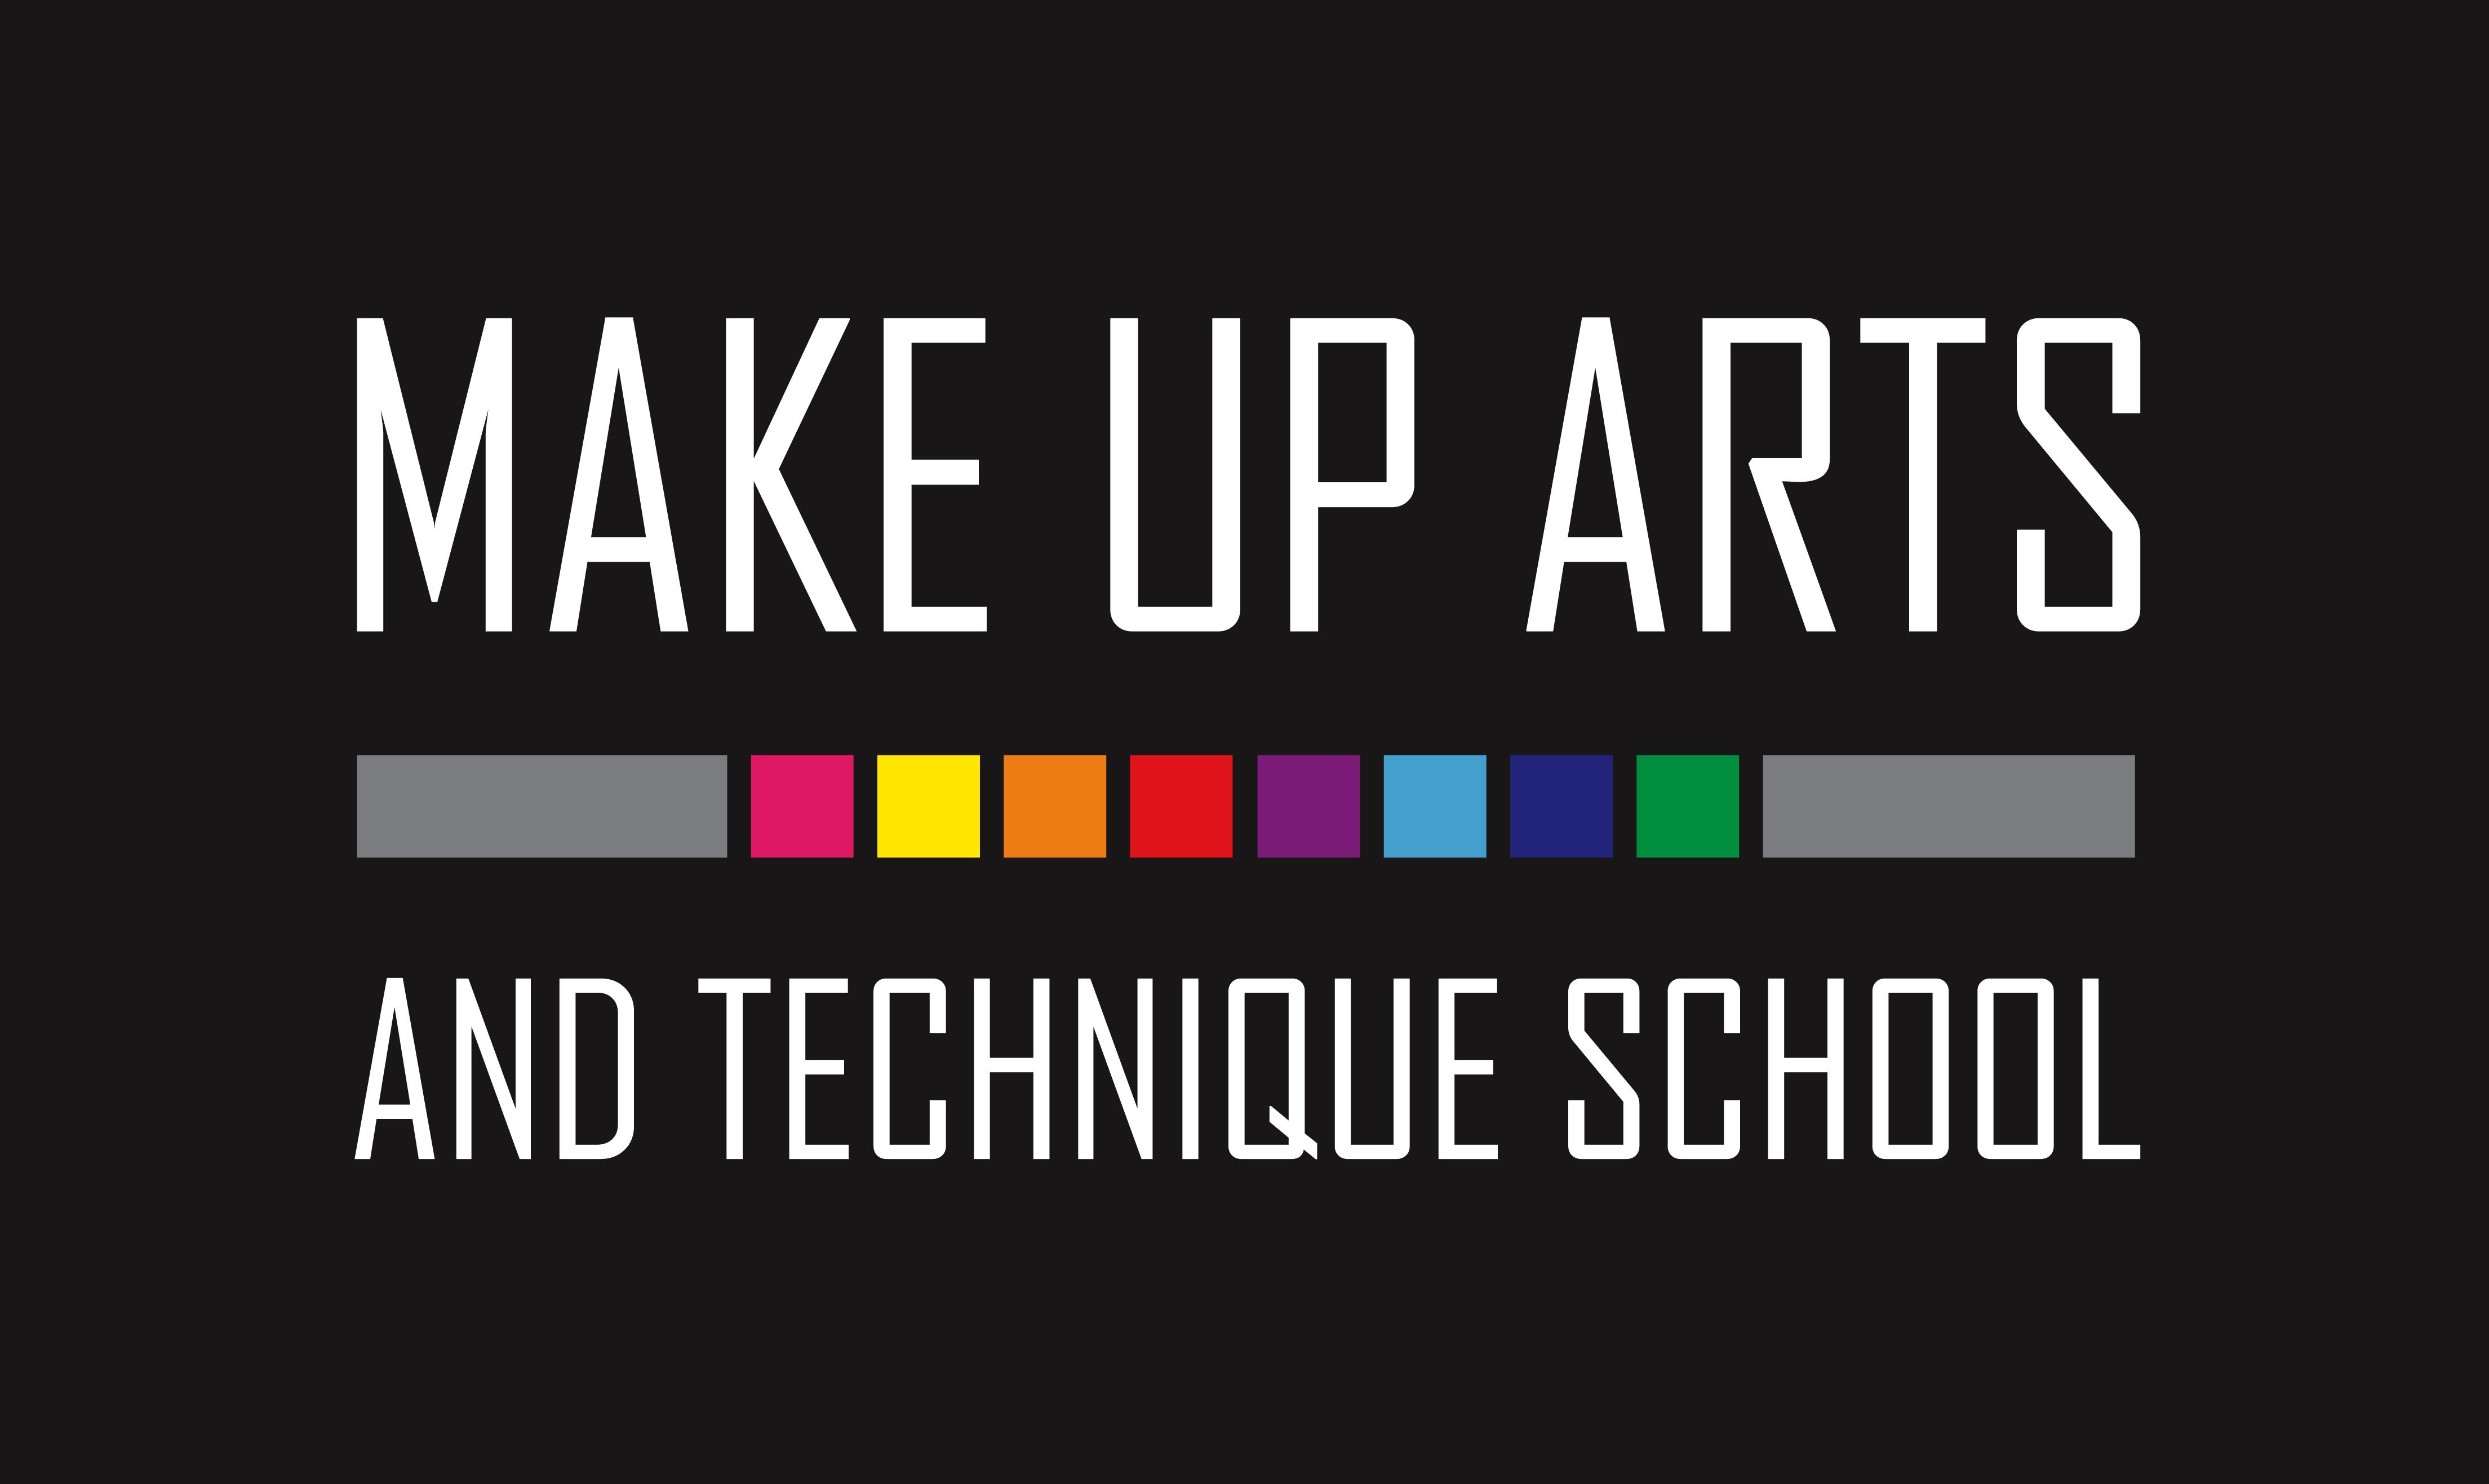 """""""จุดเริ่มต้นของวิชาชีพศิลปะการแต่งหน้า คือ ที่นี่"""" โทร 0-21481127, 081-287-0933, Line: makeupartsschool"""